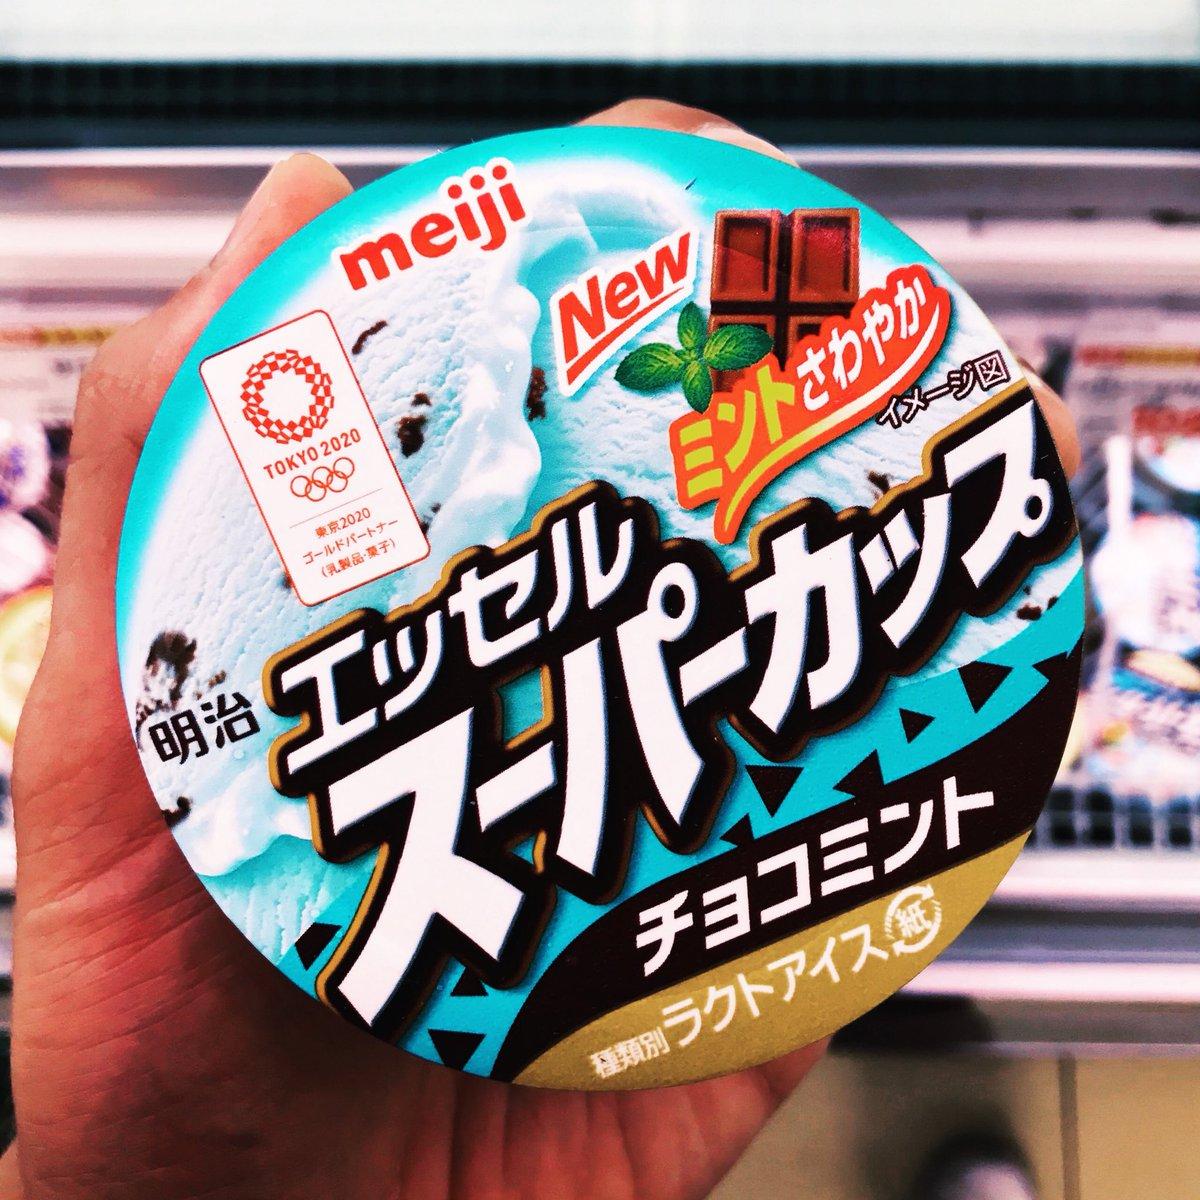 So schmeckt der #Sommer in #Japan: Minzgeschmack gibt es in den heißen Monaten…